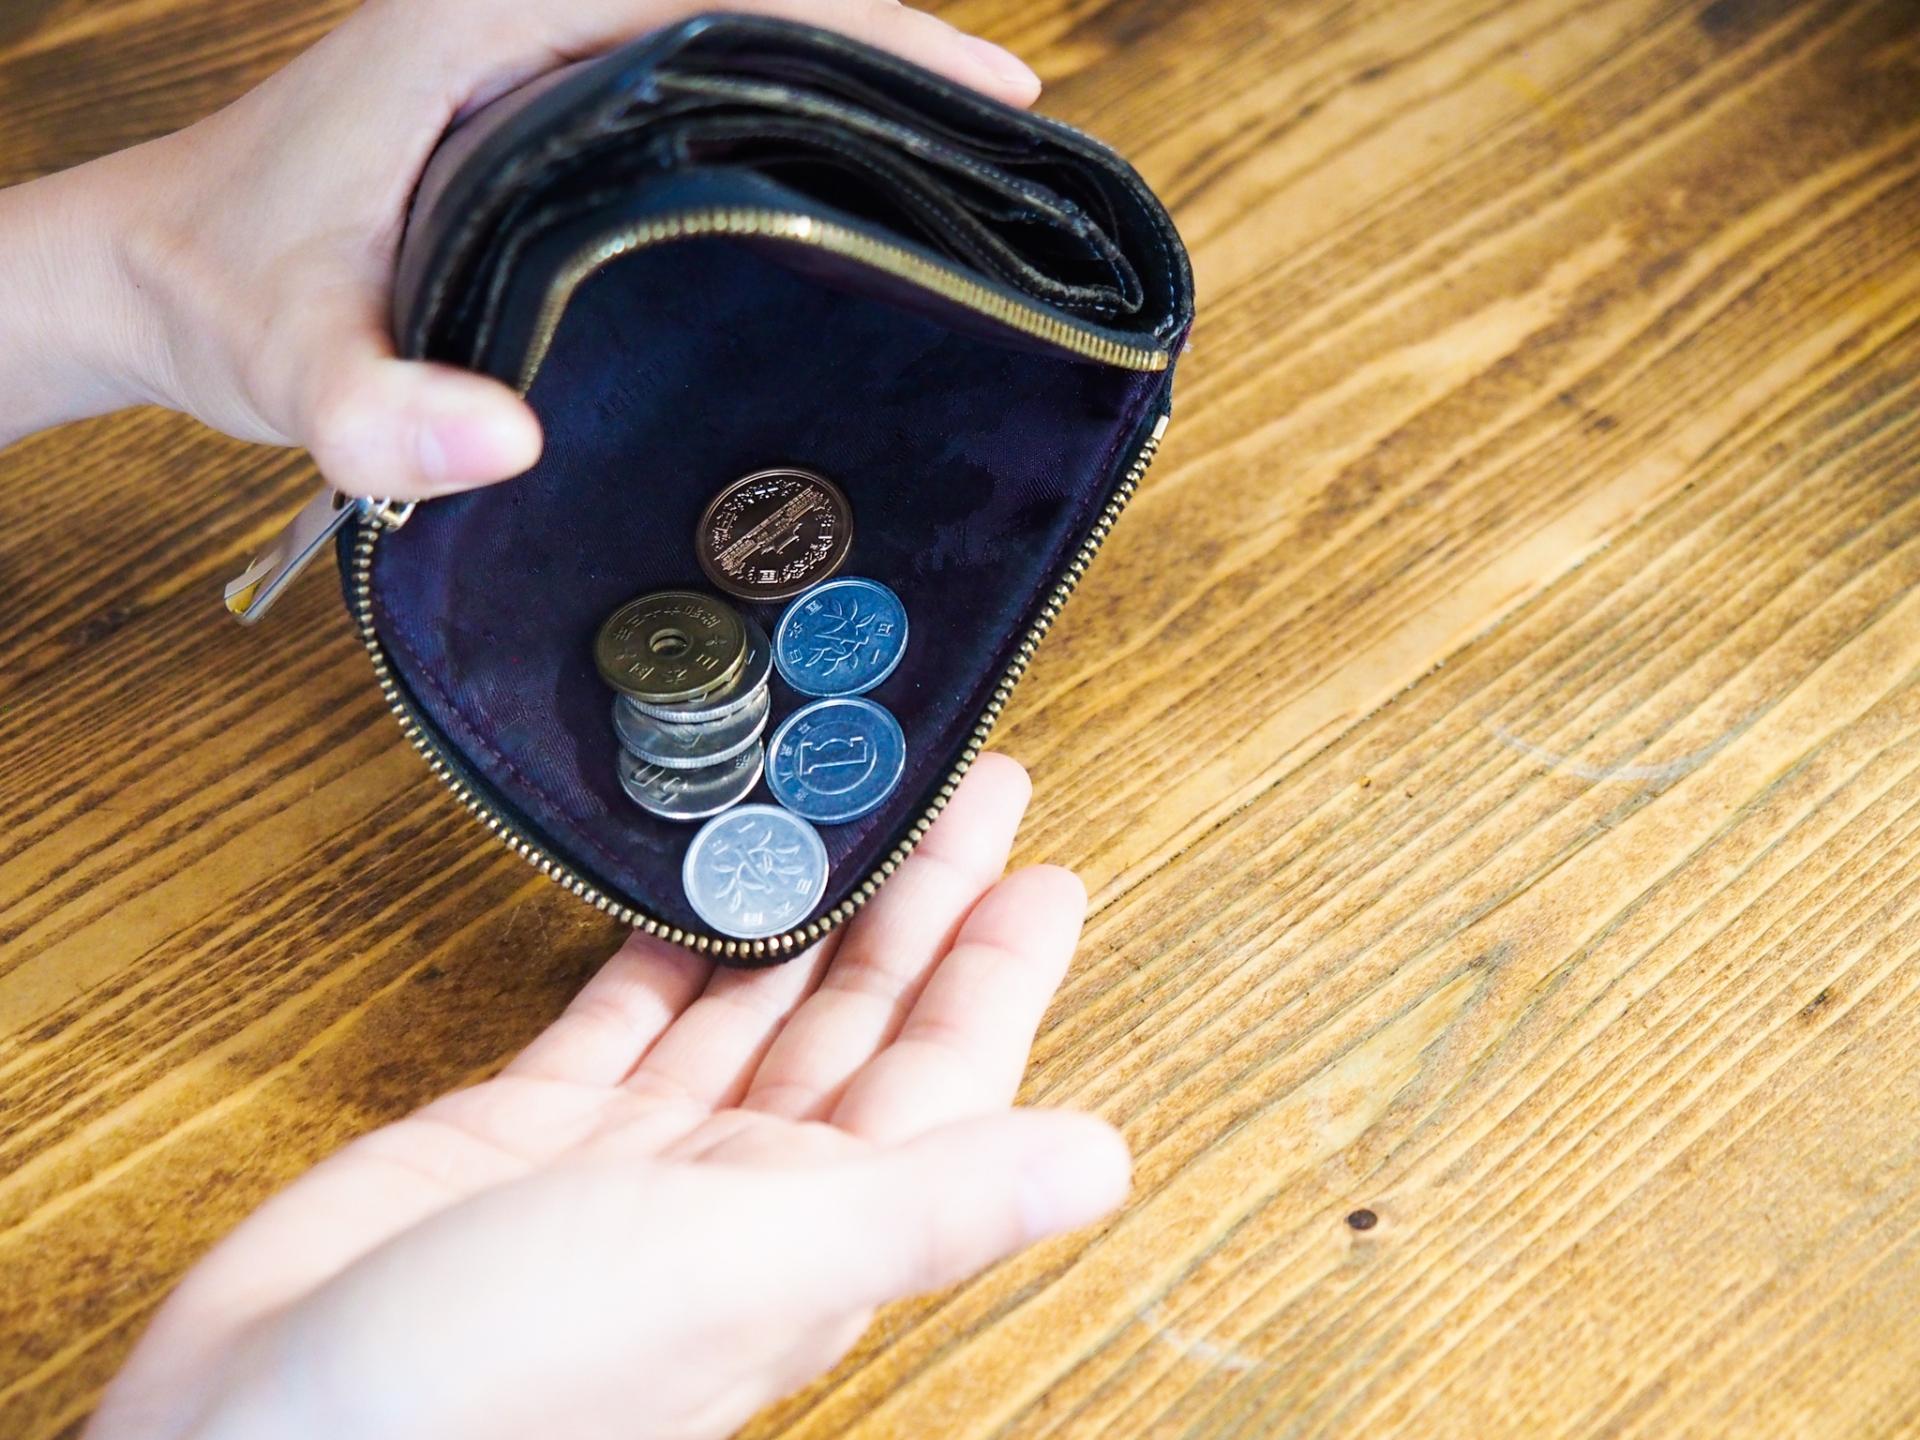 ソフトバンクまとめて支払い(キャリア決済)やソフトバンクカードの使い過ぎ防止策